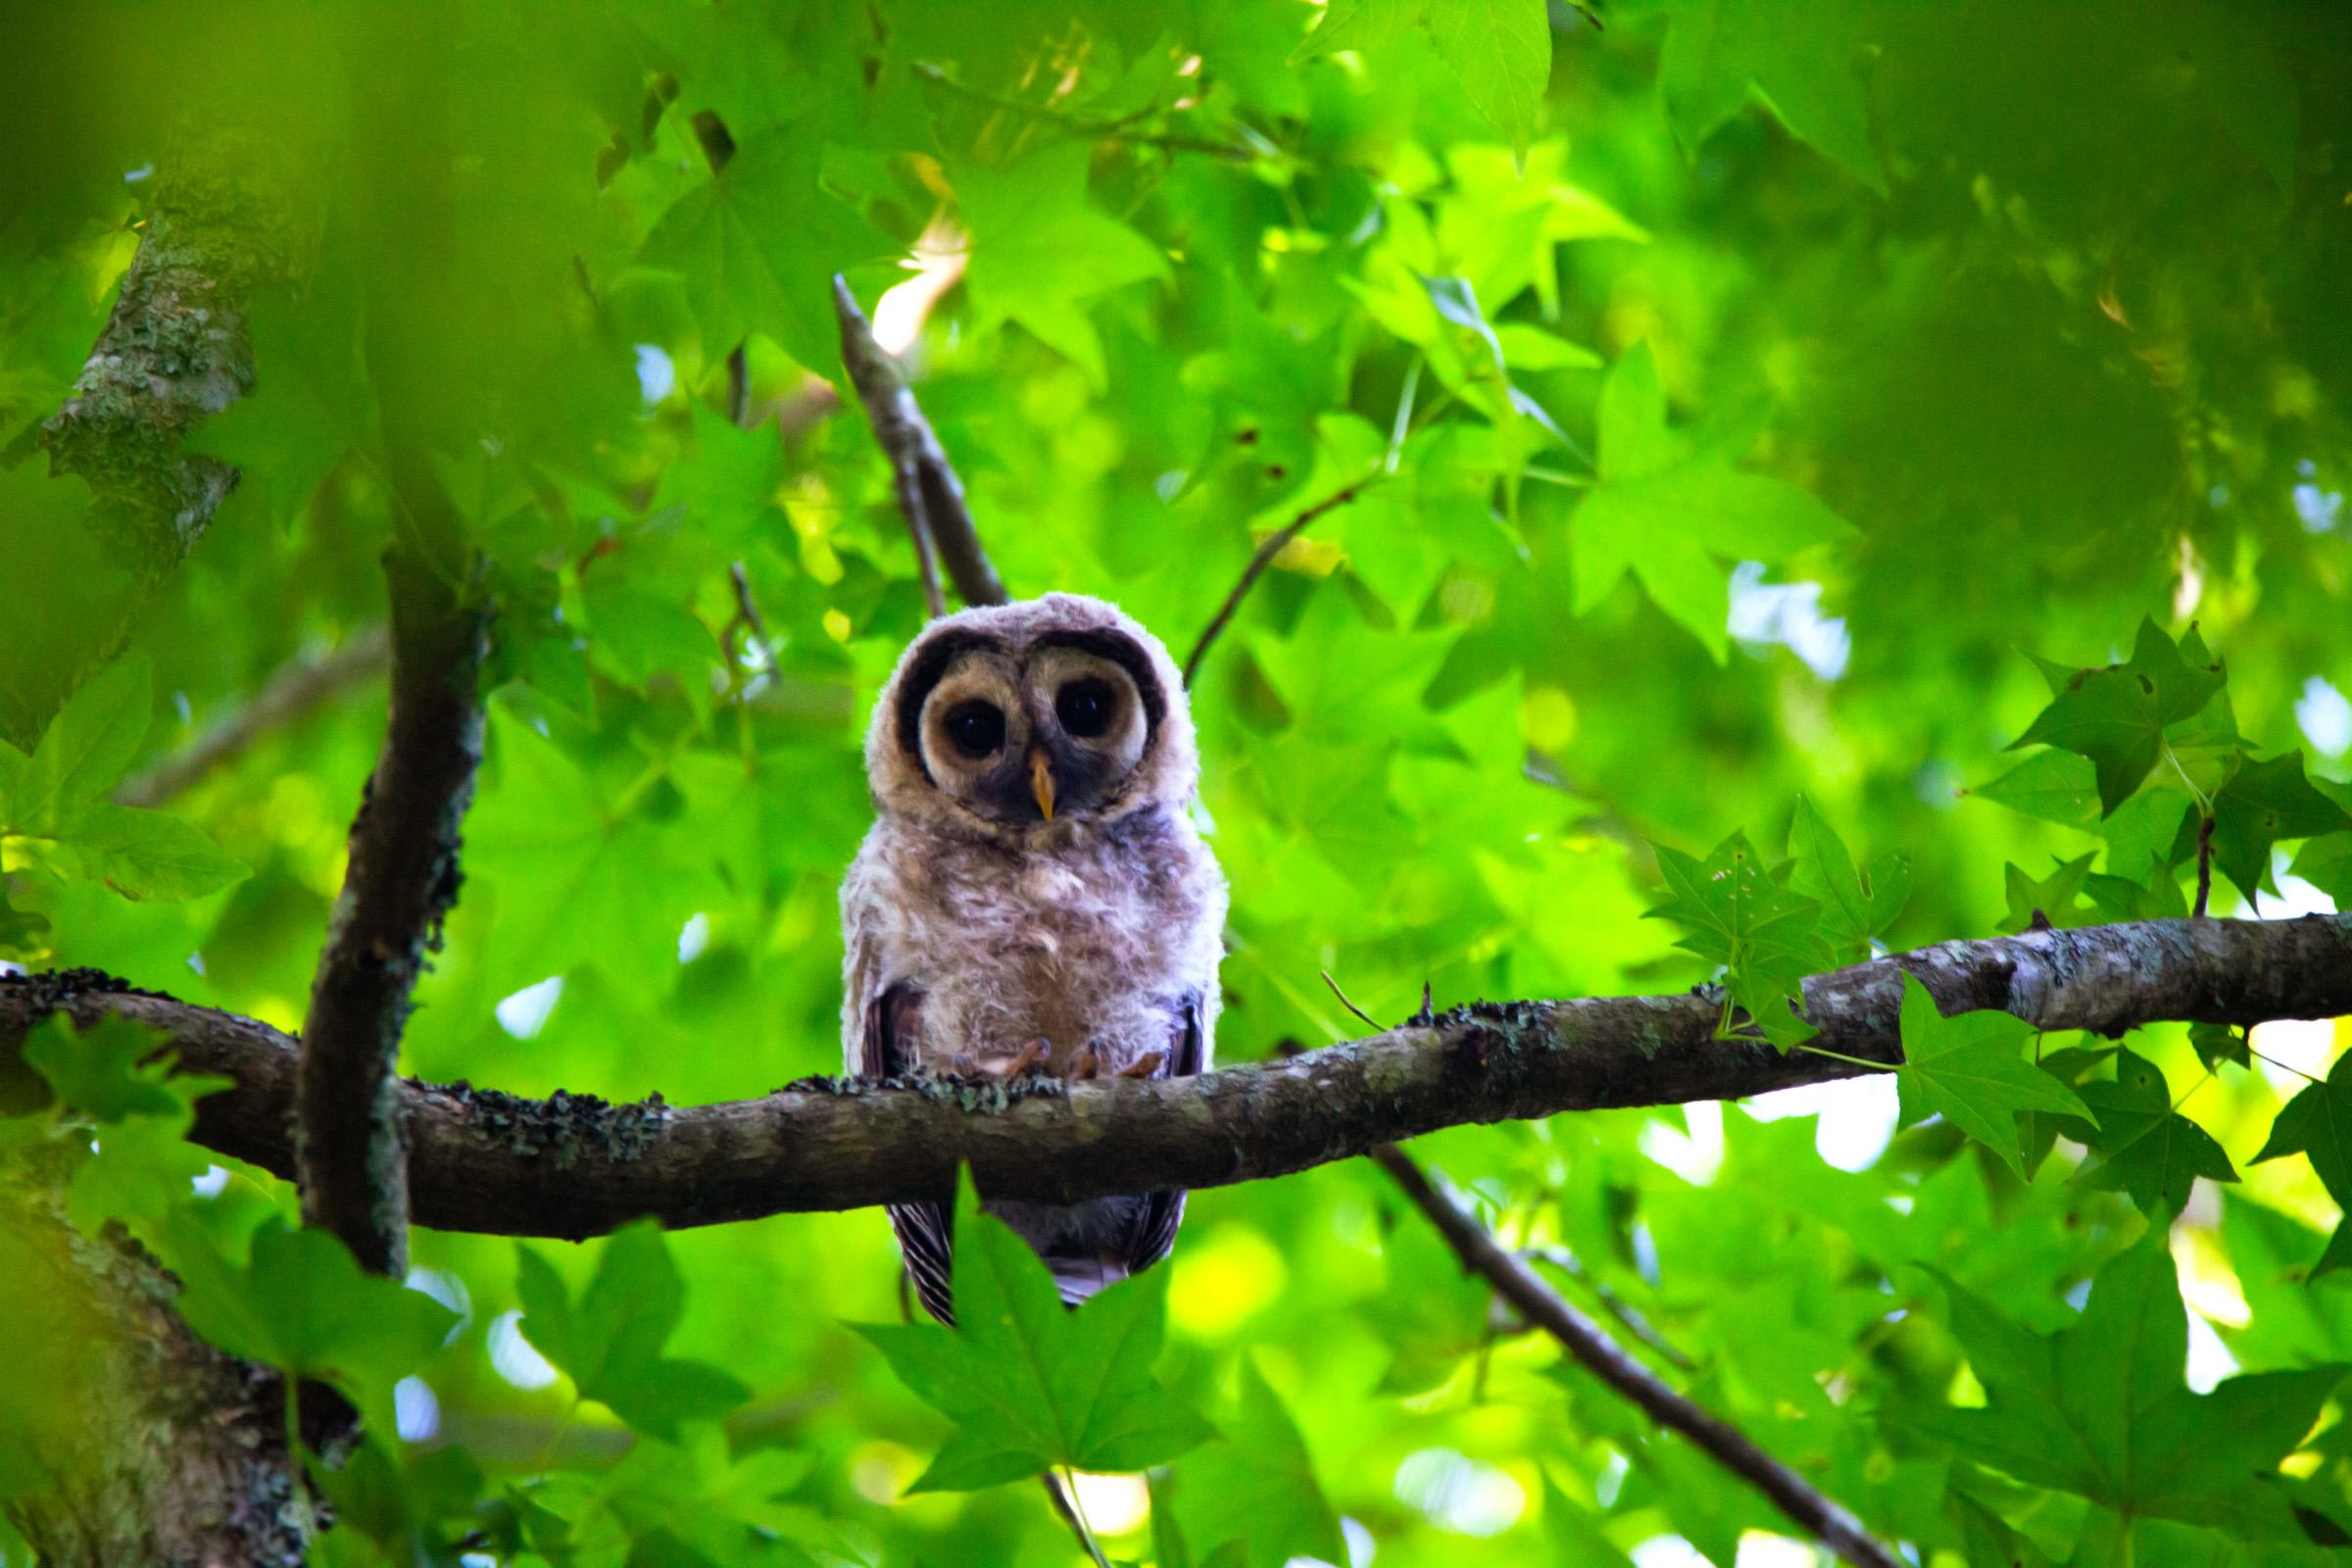 Owl looking.jpg